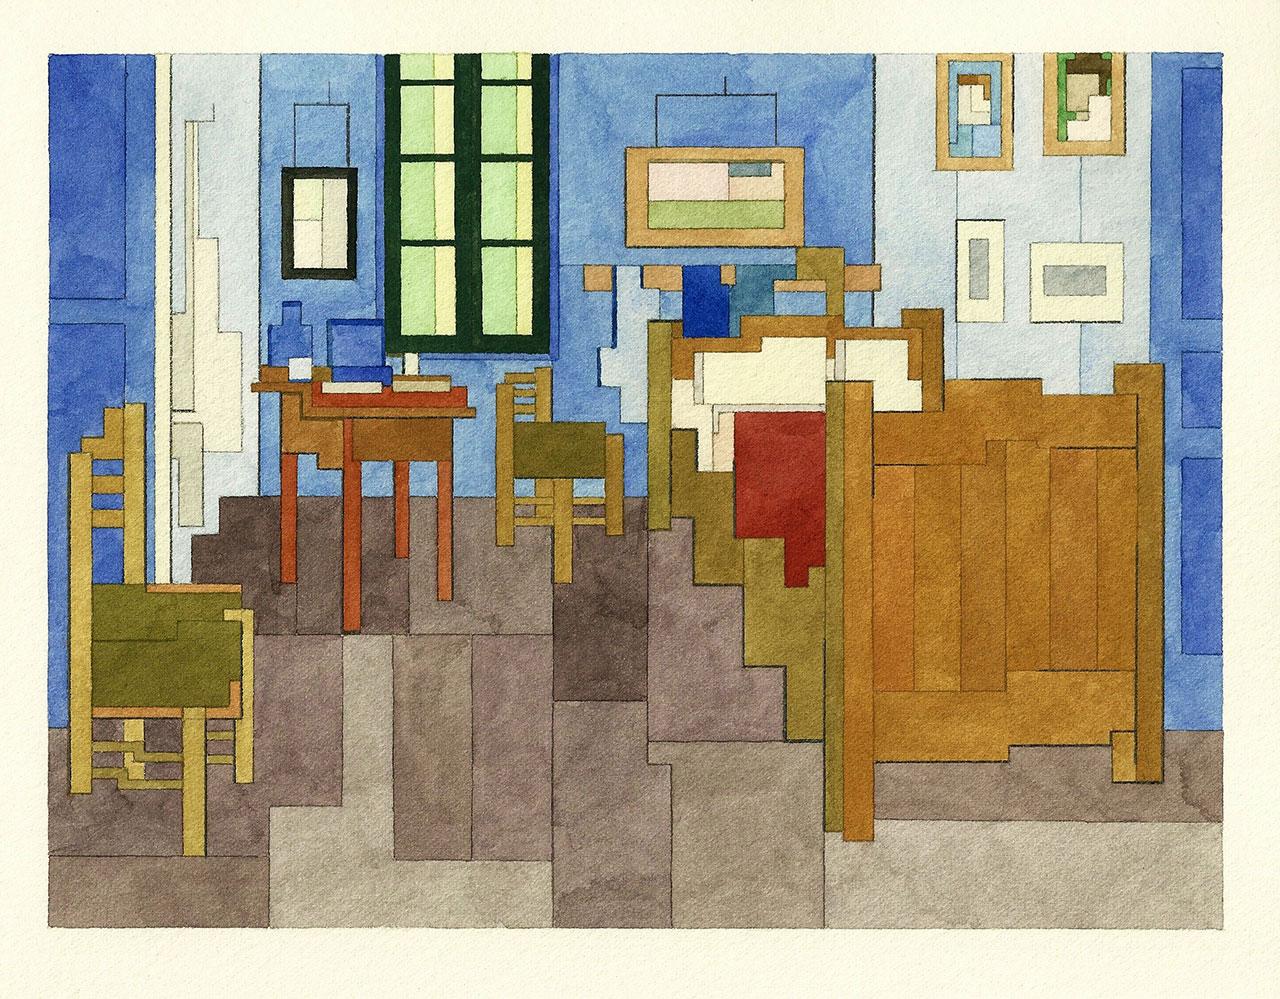 Bedroom in Arles, Art History 101 series by Adam Lister.(Original Painting by Vincent van Gogh, 1888).